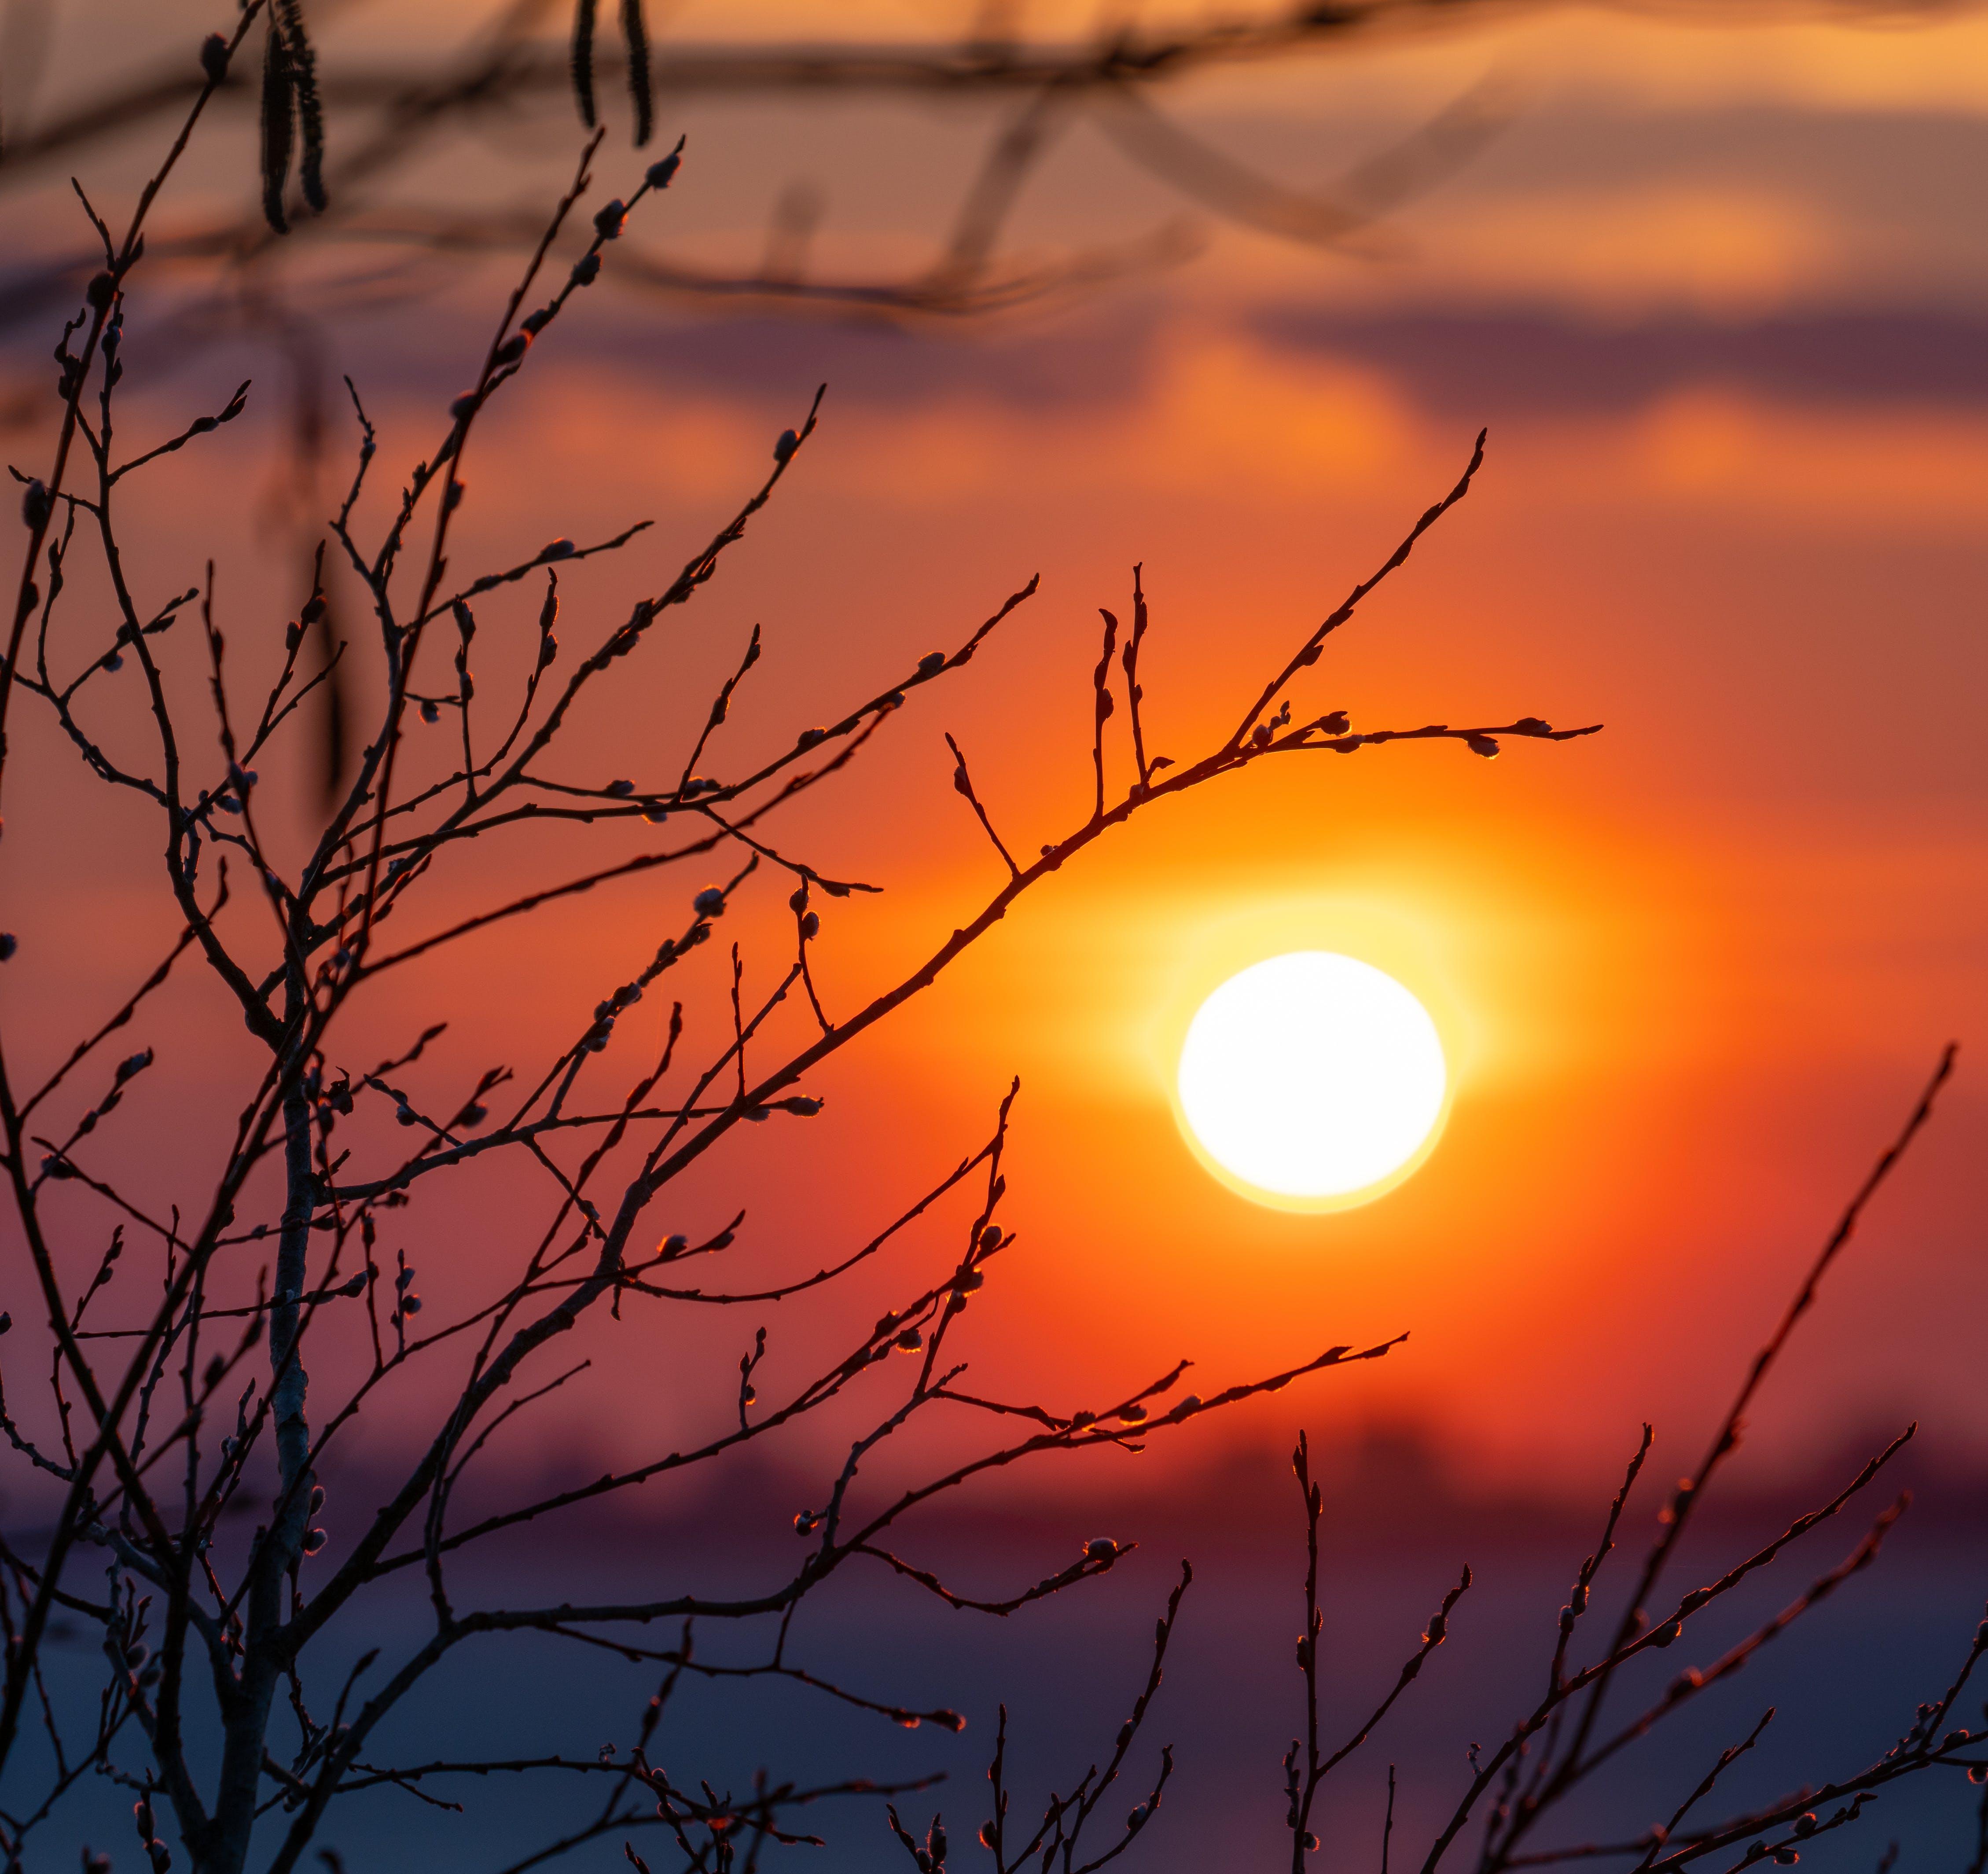 日落, 春天, 樹 的 免費圖庫相片